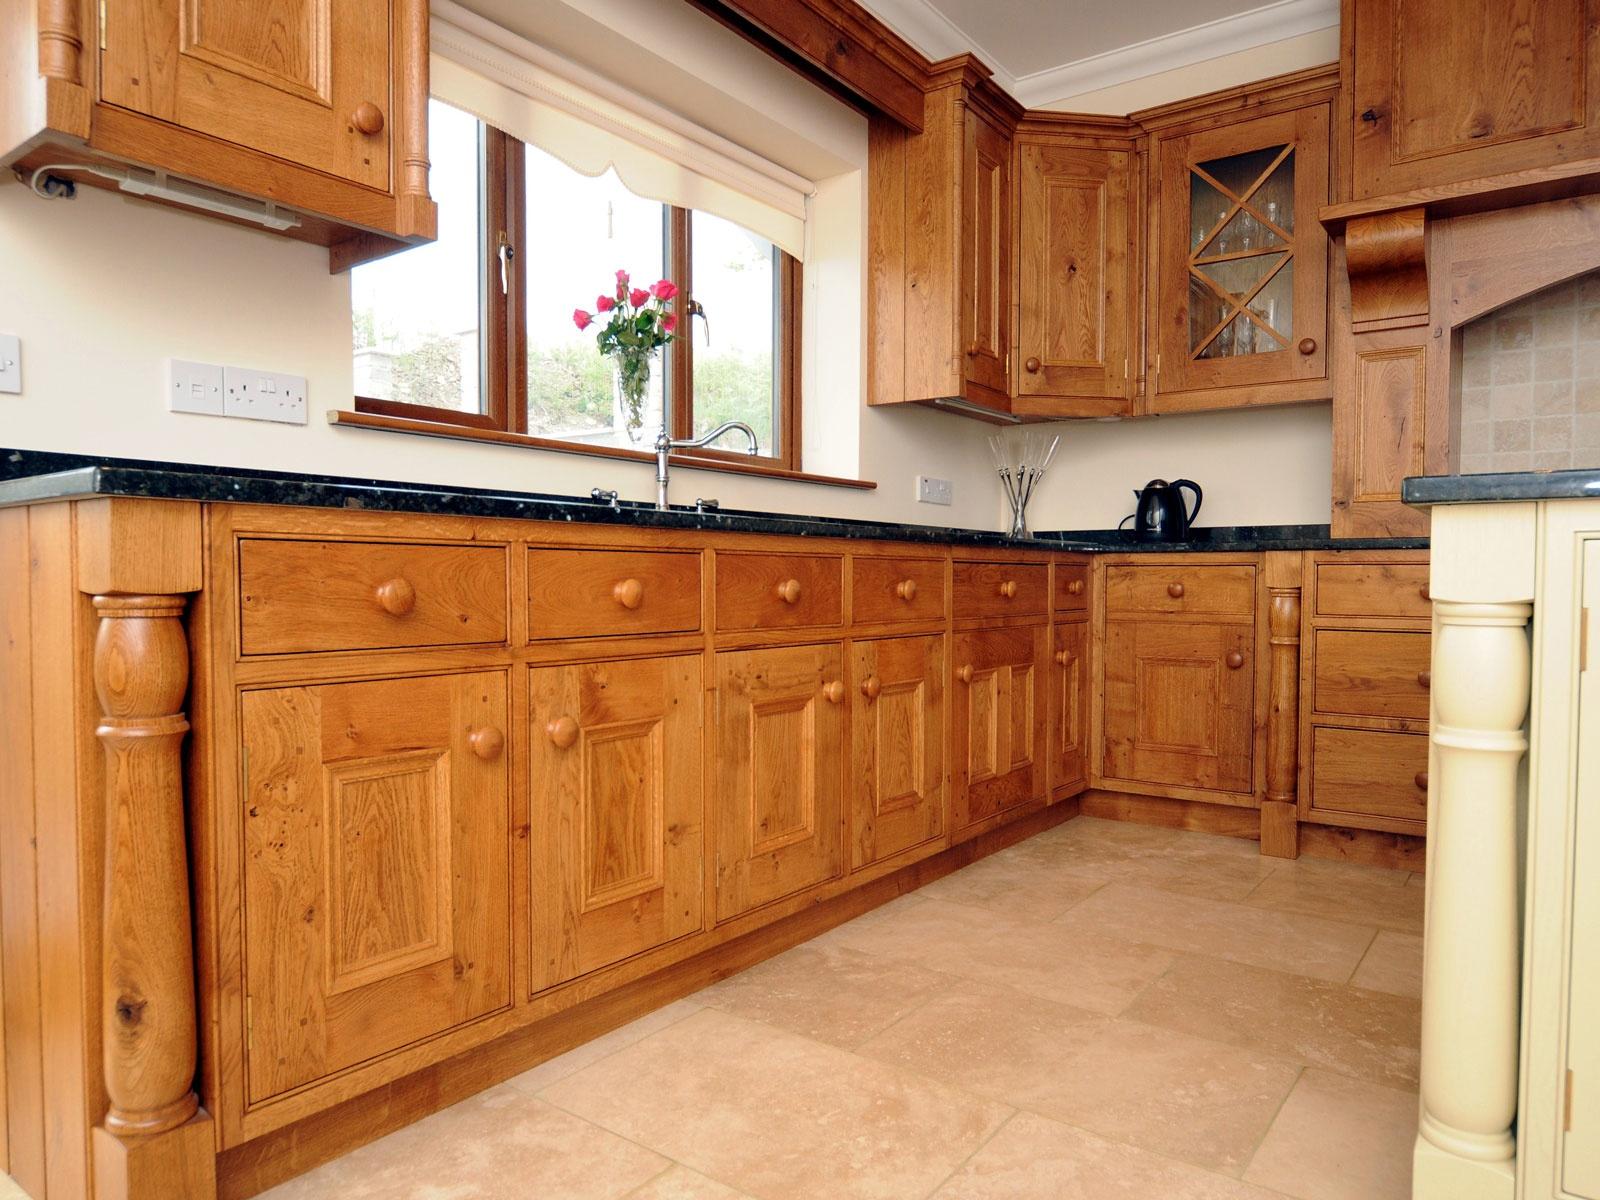 Rustic Farmhouse Kitchens Rustic Farmhouse Kitchen Newtown Mark Stones Welsh Kitchens